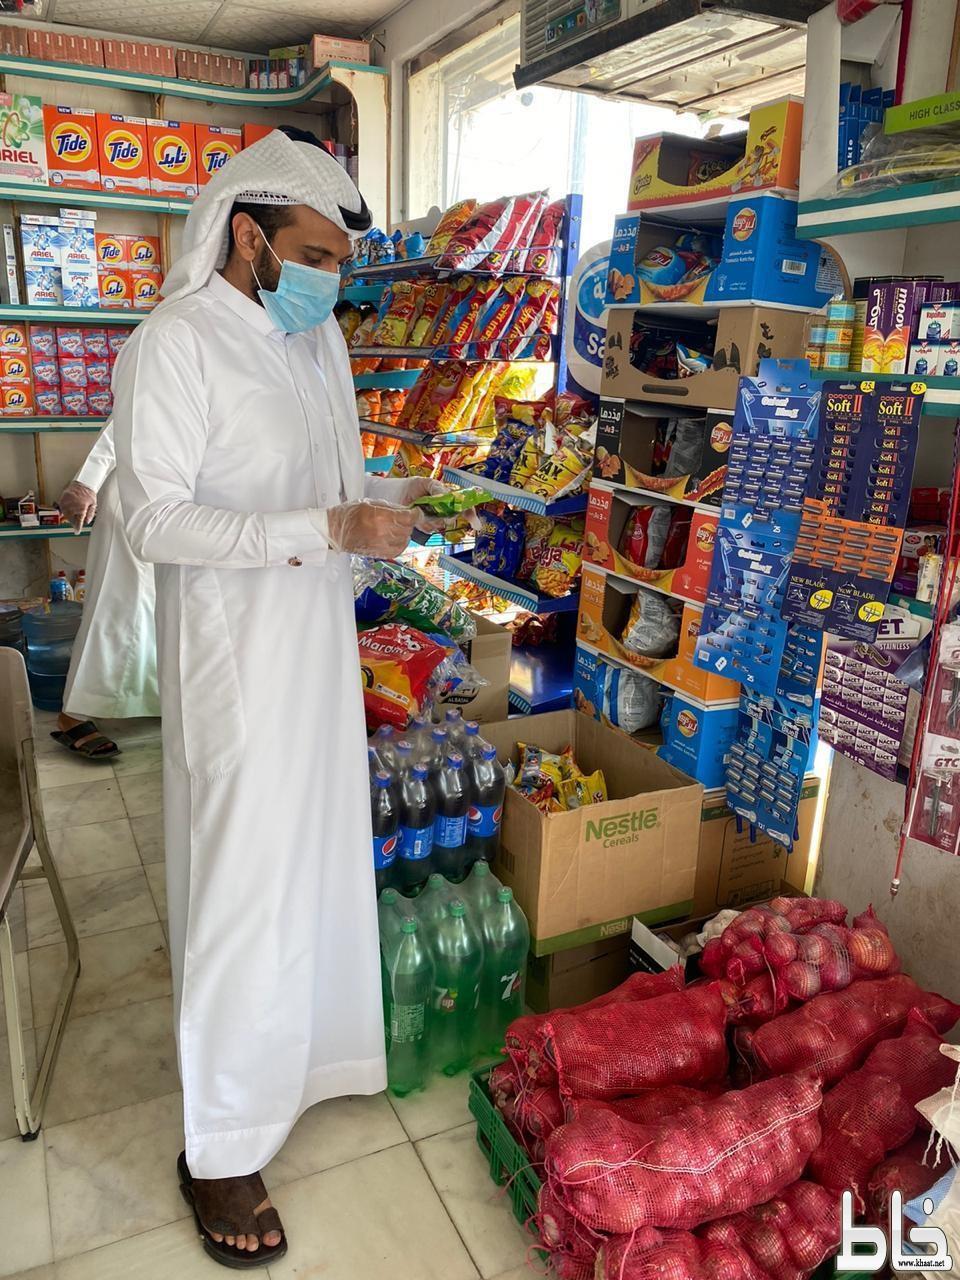 بلدية بارق تغلق مركز تسوق مخالف وتضبط مواد غذائية فاسدة